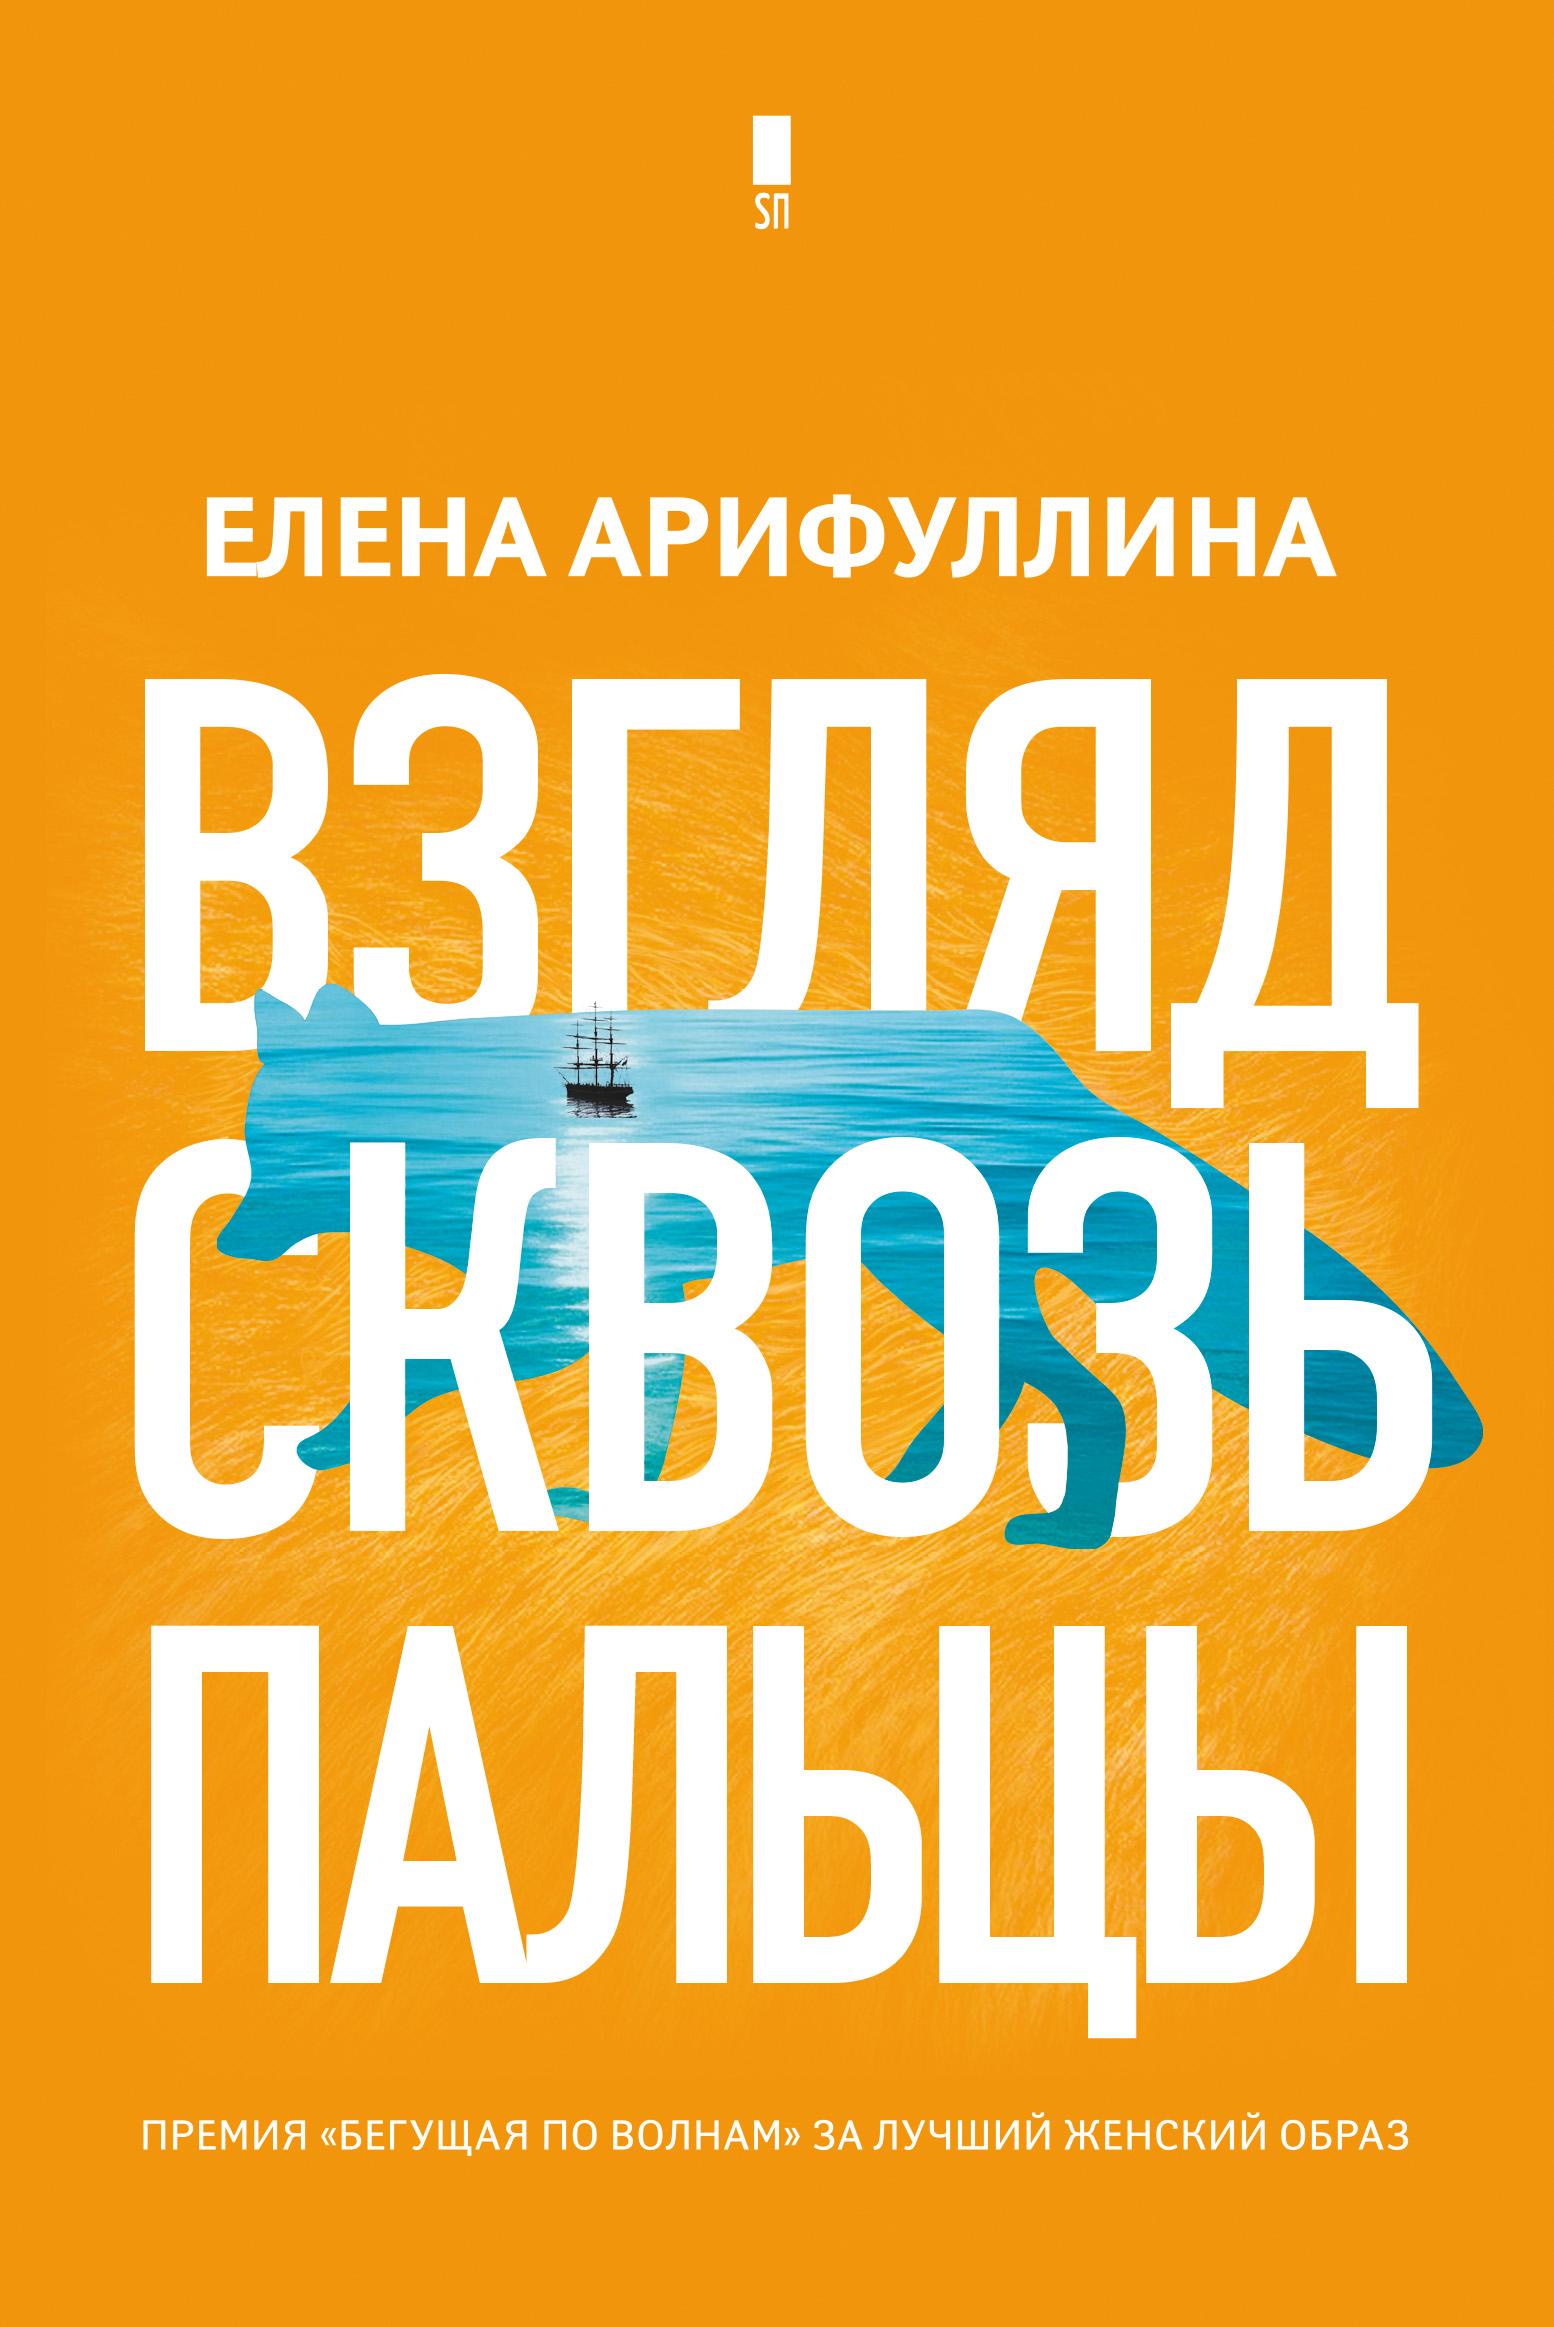 Елена Арифуллина Взгляд сквозь пальцы владимир першанин 28 панфиловцев велика россия а отступать некуда – позади москва